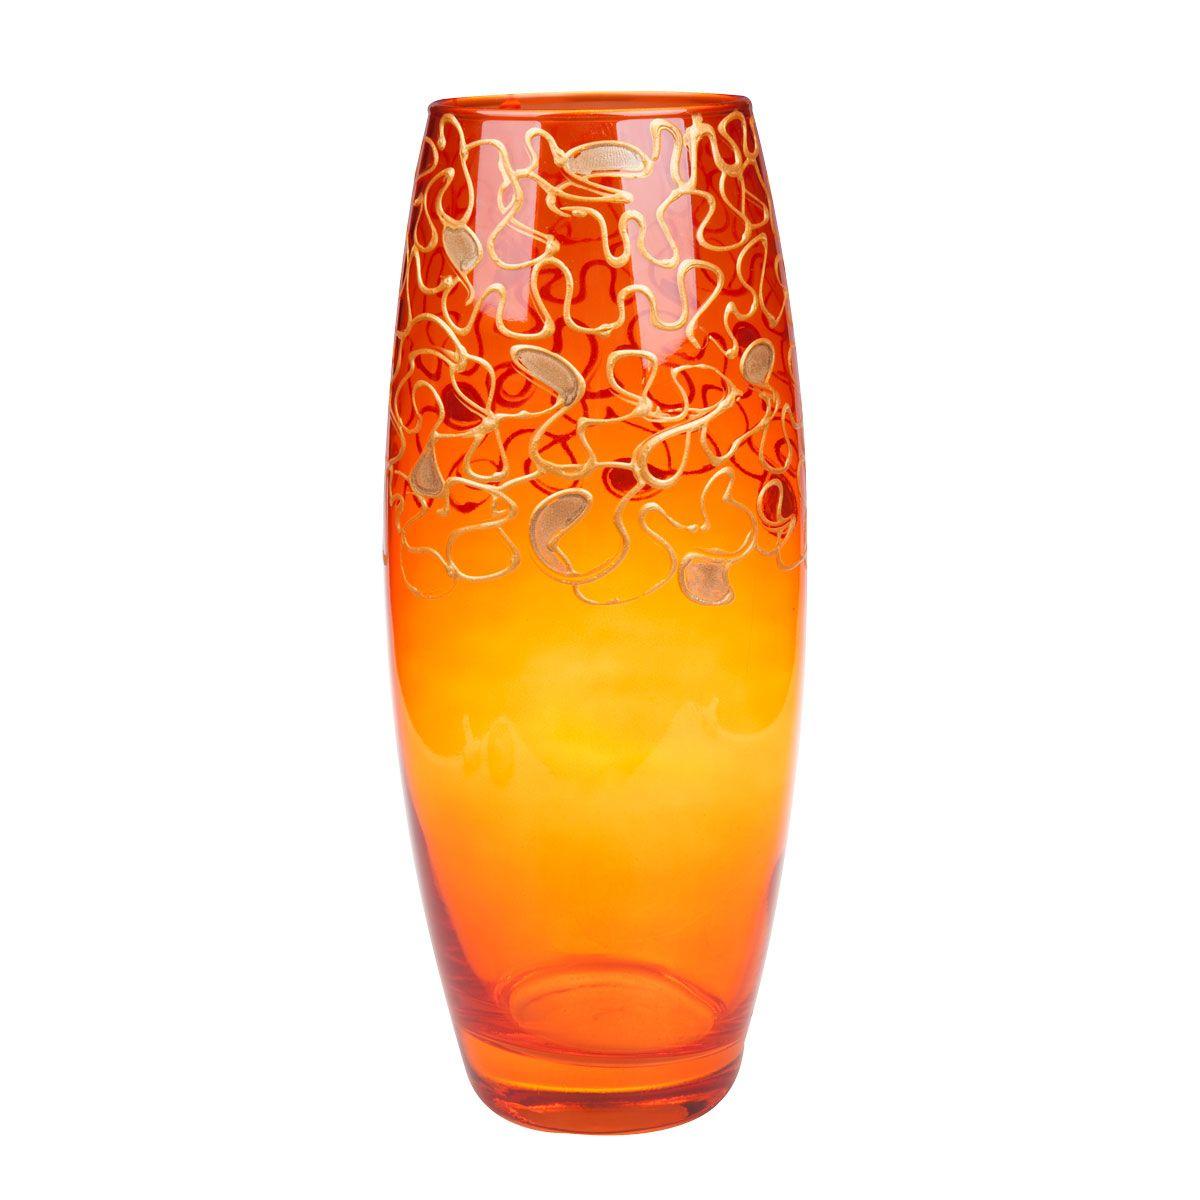 Ваза N/A Шарифа, цвет: золотистый, высота 26 см214550Декоративные вазы в наше время пользуются очень большим спросом. Любители украшать свой дом, оценят этот античный сосуд, который может стать не только красивым, но и практичным дополнением любого интерьера.